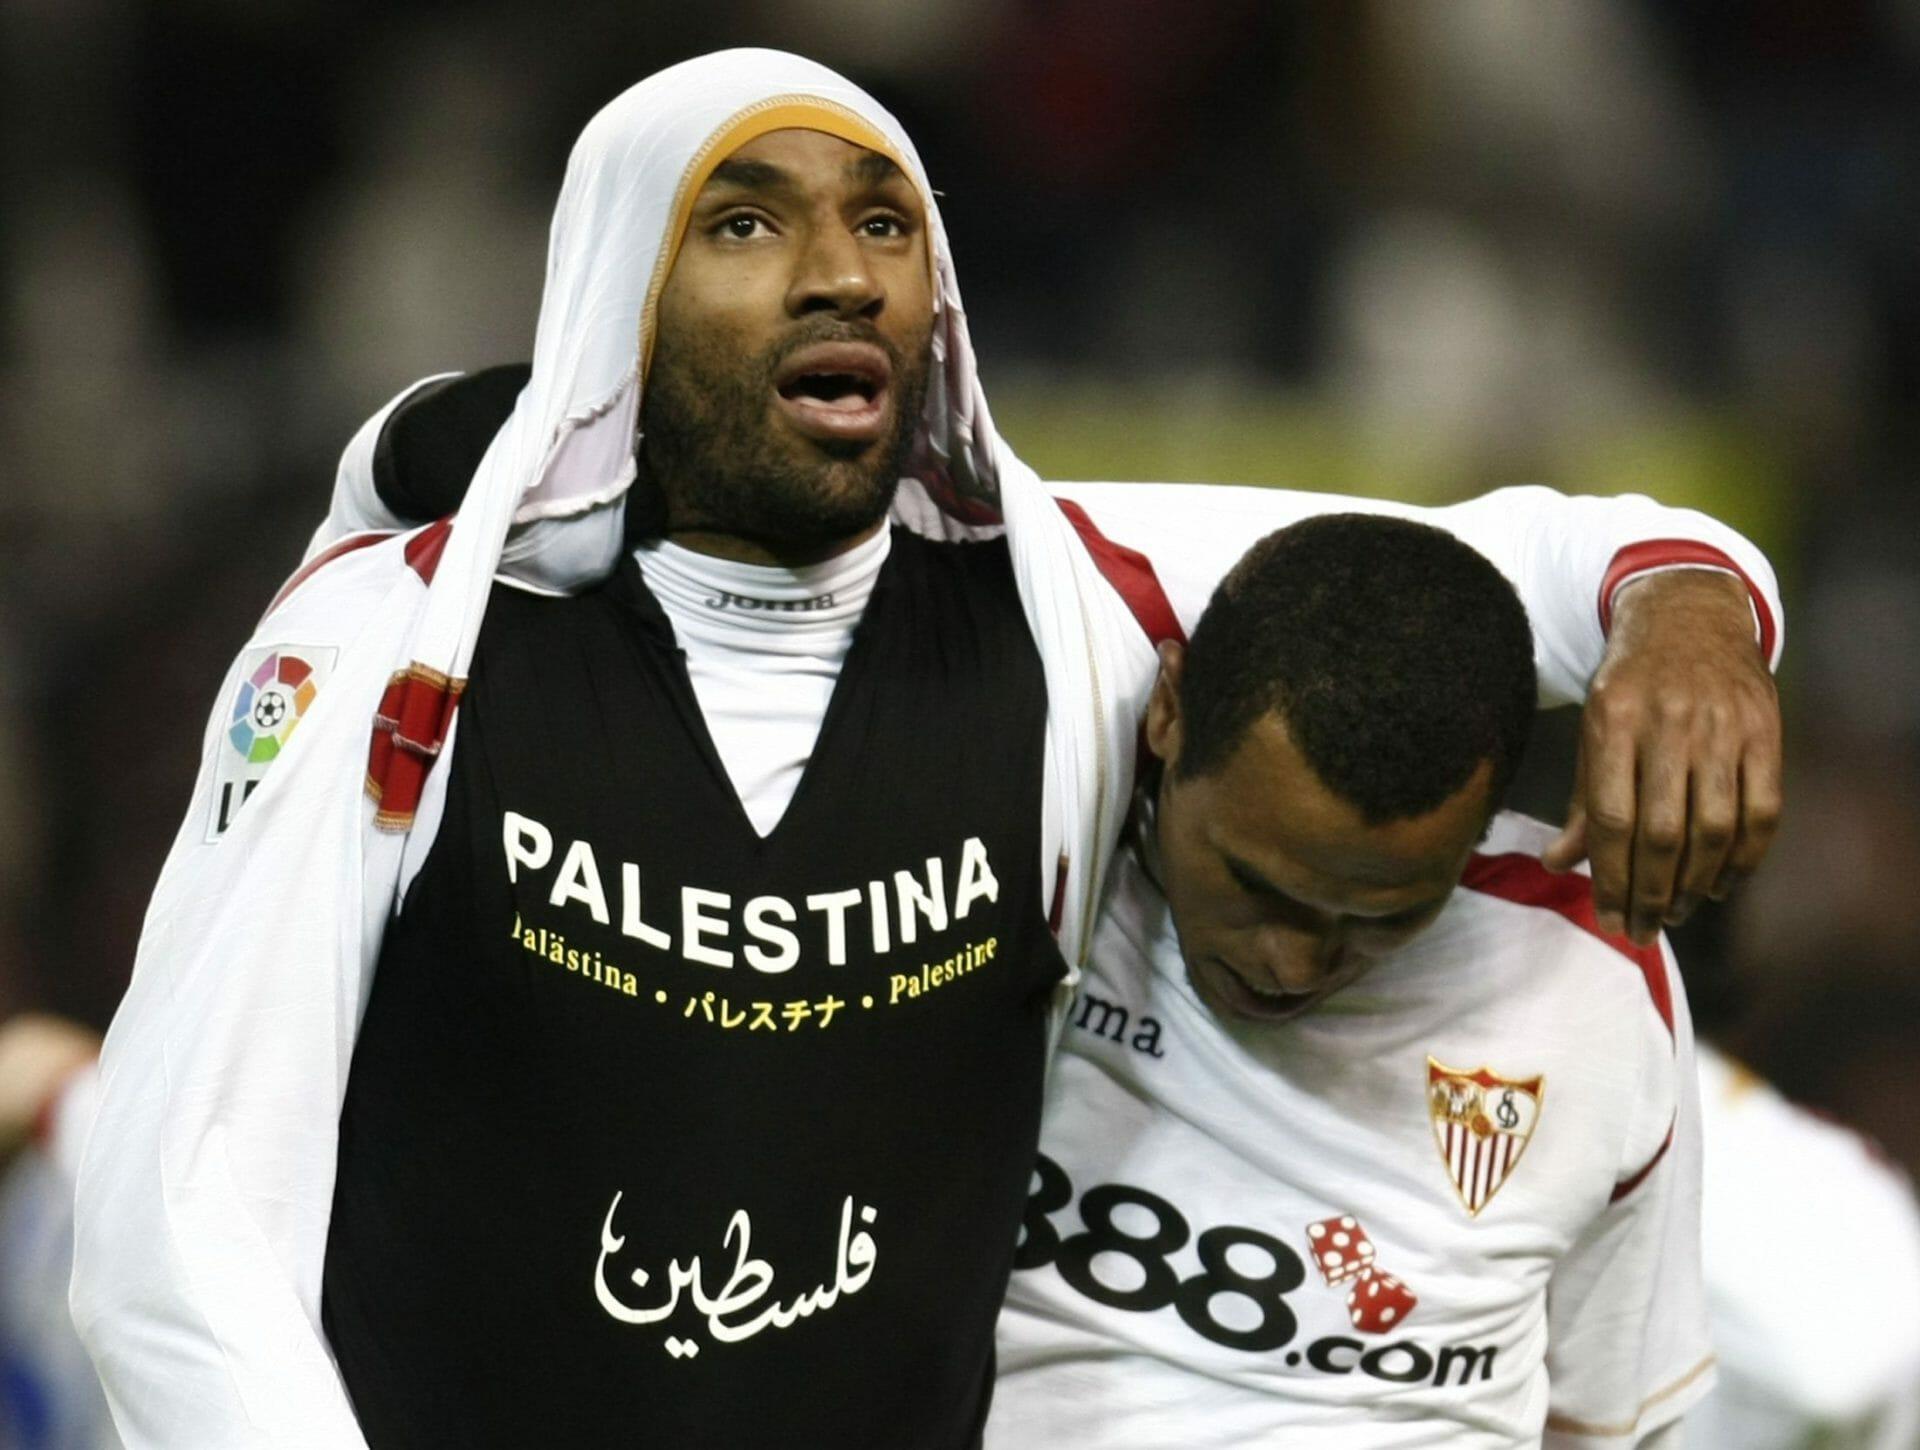 Beside Sport - Ces sportifs qui n'oublient pas leur religion -  -